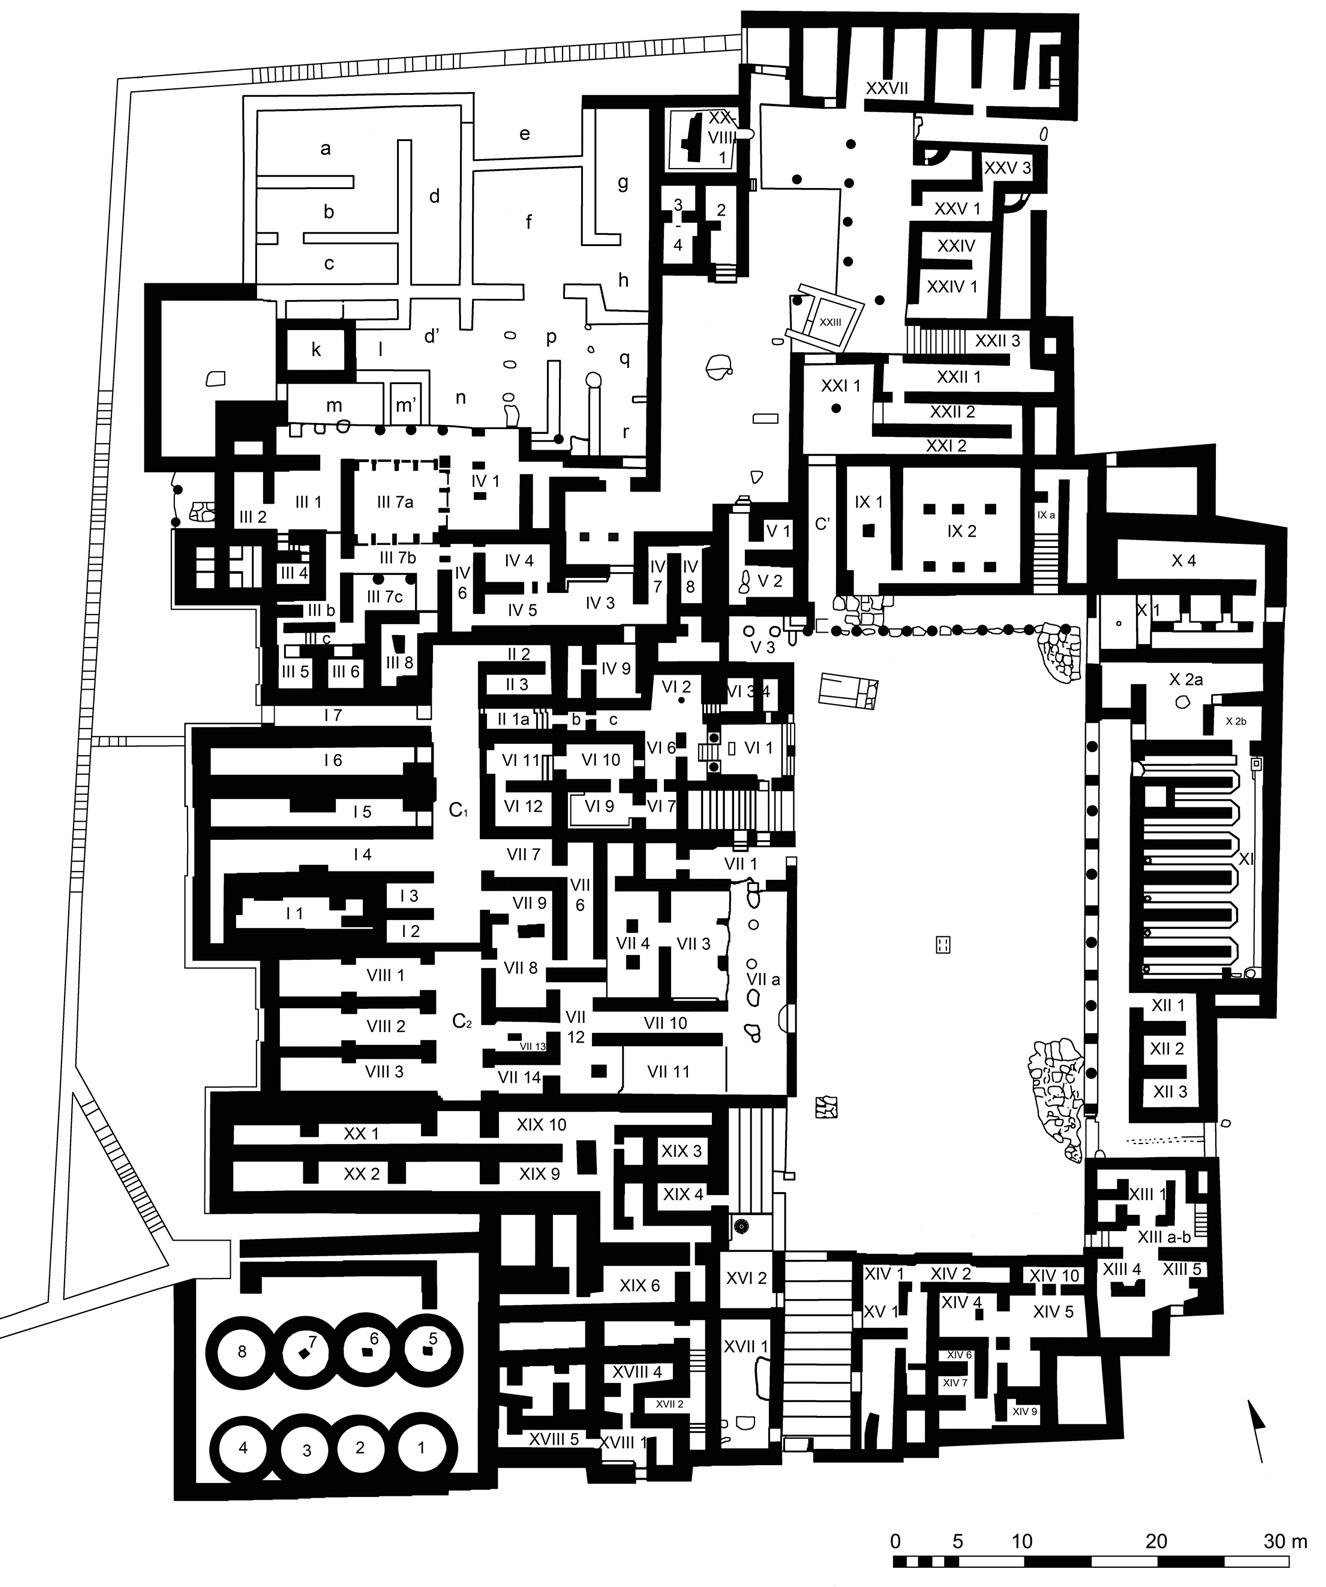 Figure 3. Plan du palais de Malia (phase finale), sur la base des plans dressés par E. Andersen (Pelon 1980, plan 28) et par M. Schmid et N. Rigopoulos (Pelon 2002, pl. XXXII). Les pièces (en chiffres arabes) sont précédées de la numérotation du Quartier auquel elles appartiennent (en chiffres romains) ©EFA